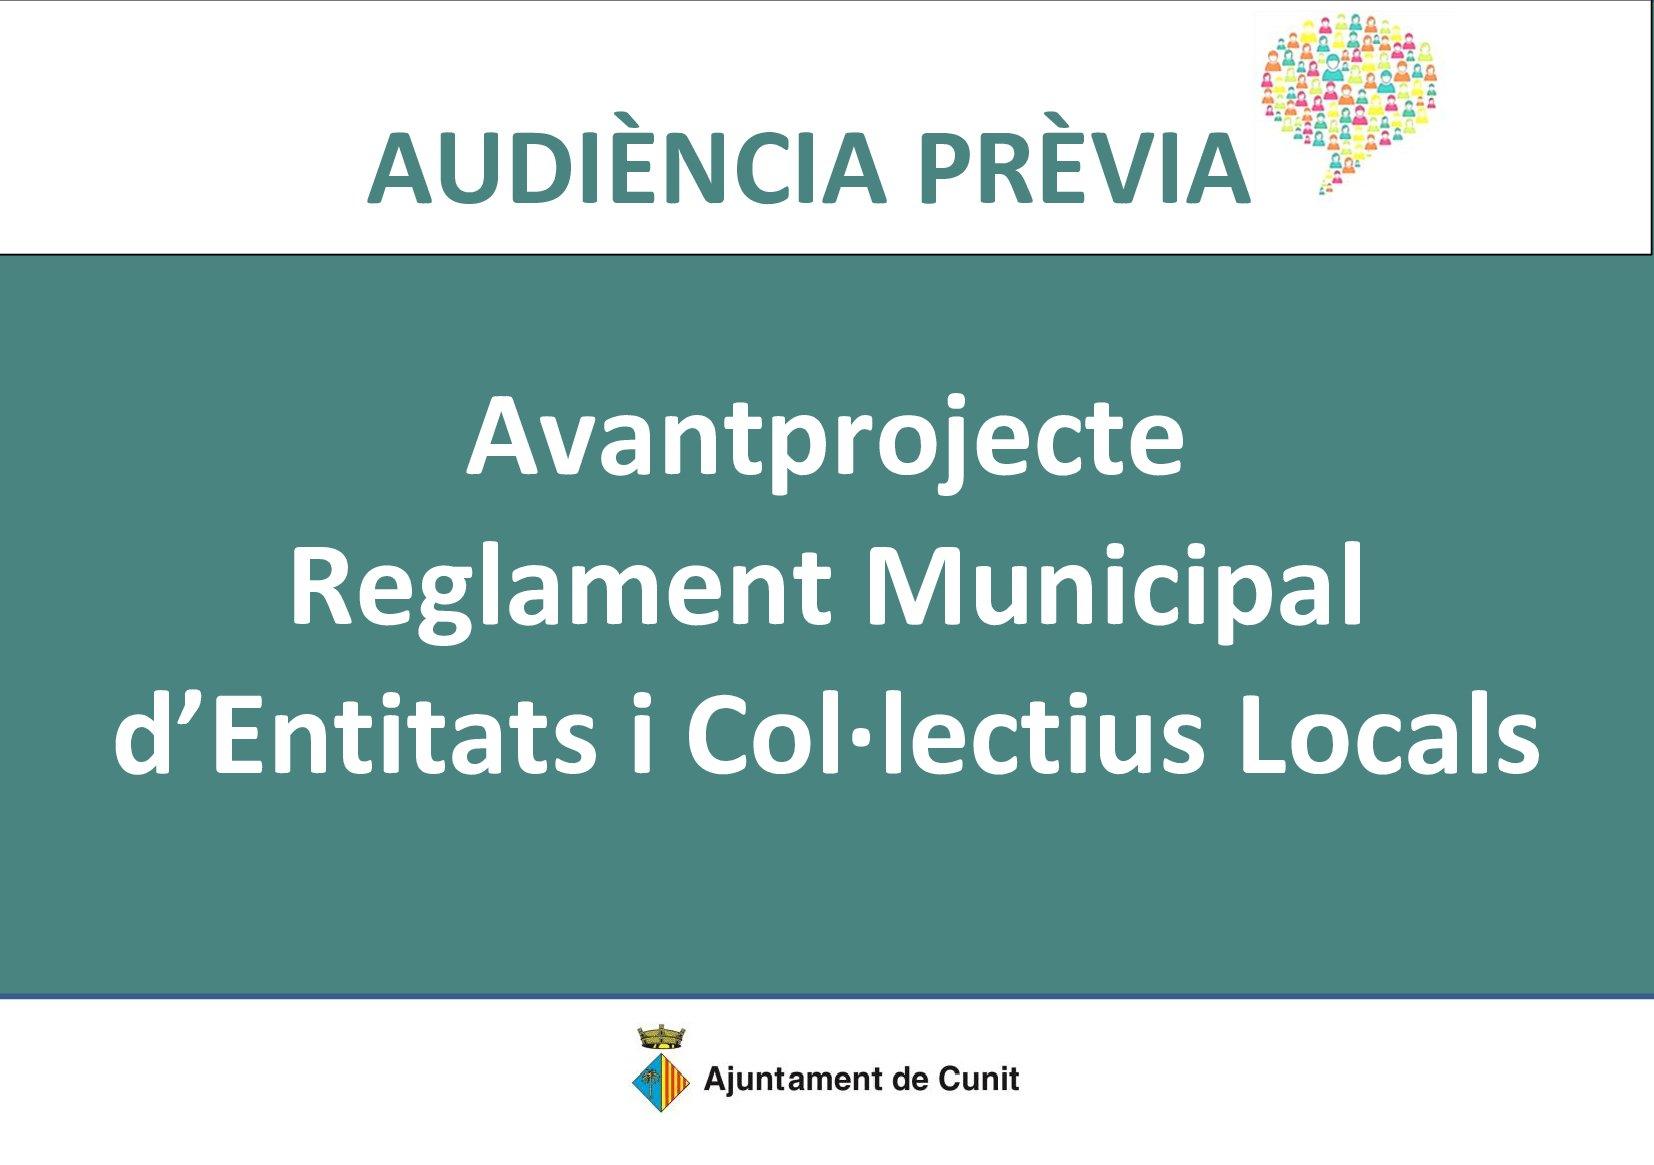 S'obre a l'audiència de la ciutadania la proposta de Reglament Municipal del Registre d'Entitats i Col·lectius Locals